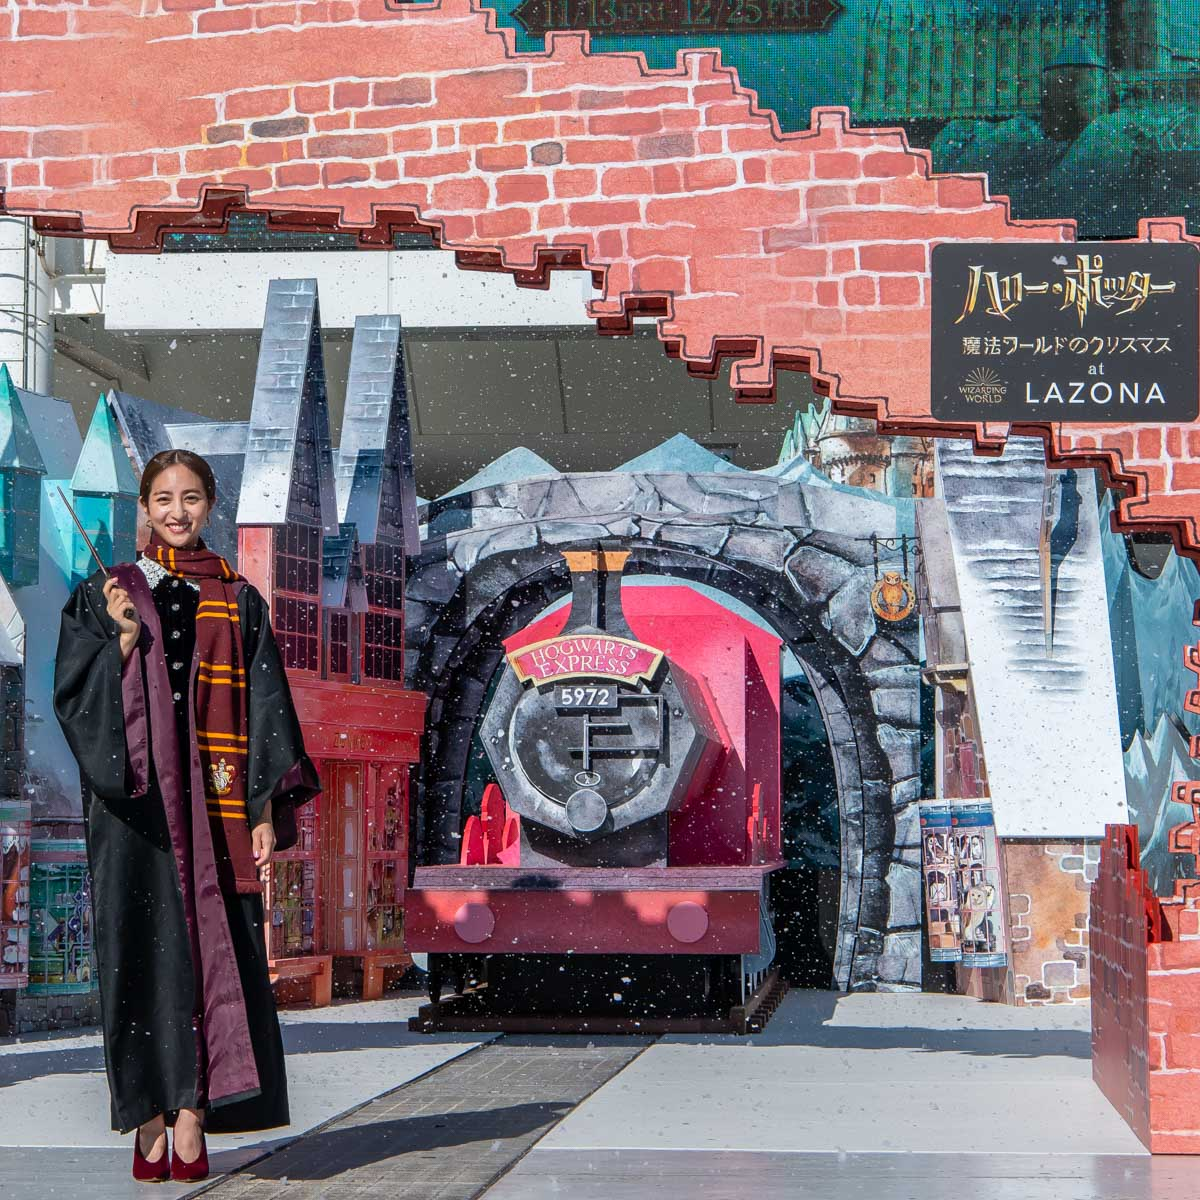 『ハリー・ポッターと賢者の石』映画公開20周年 ハリー・ポッター魔法ワールドのクリスマス at LAZONA オープニングイベント 2